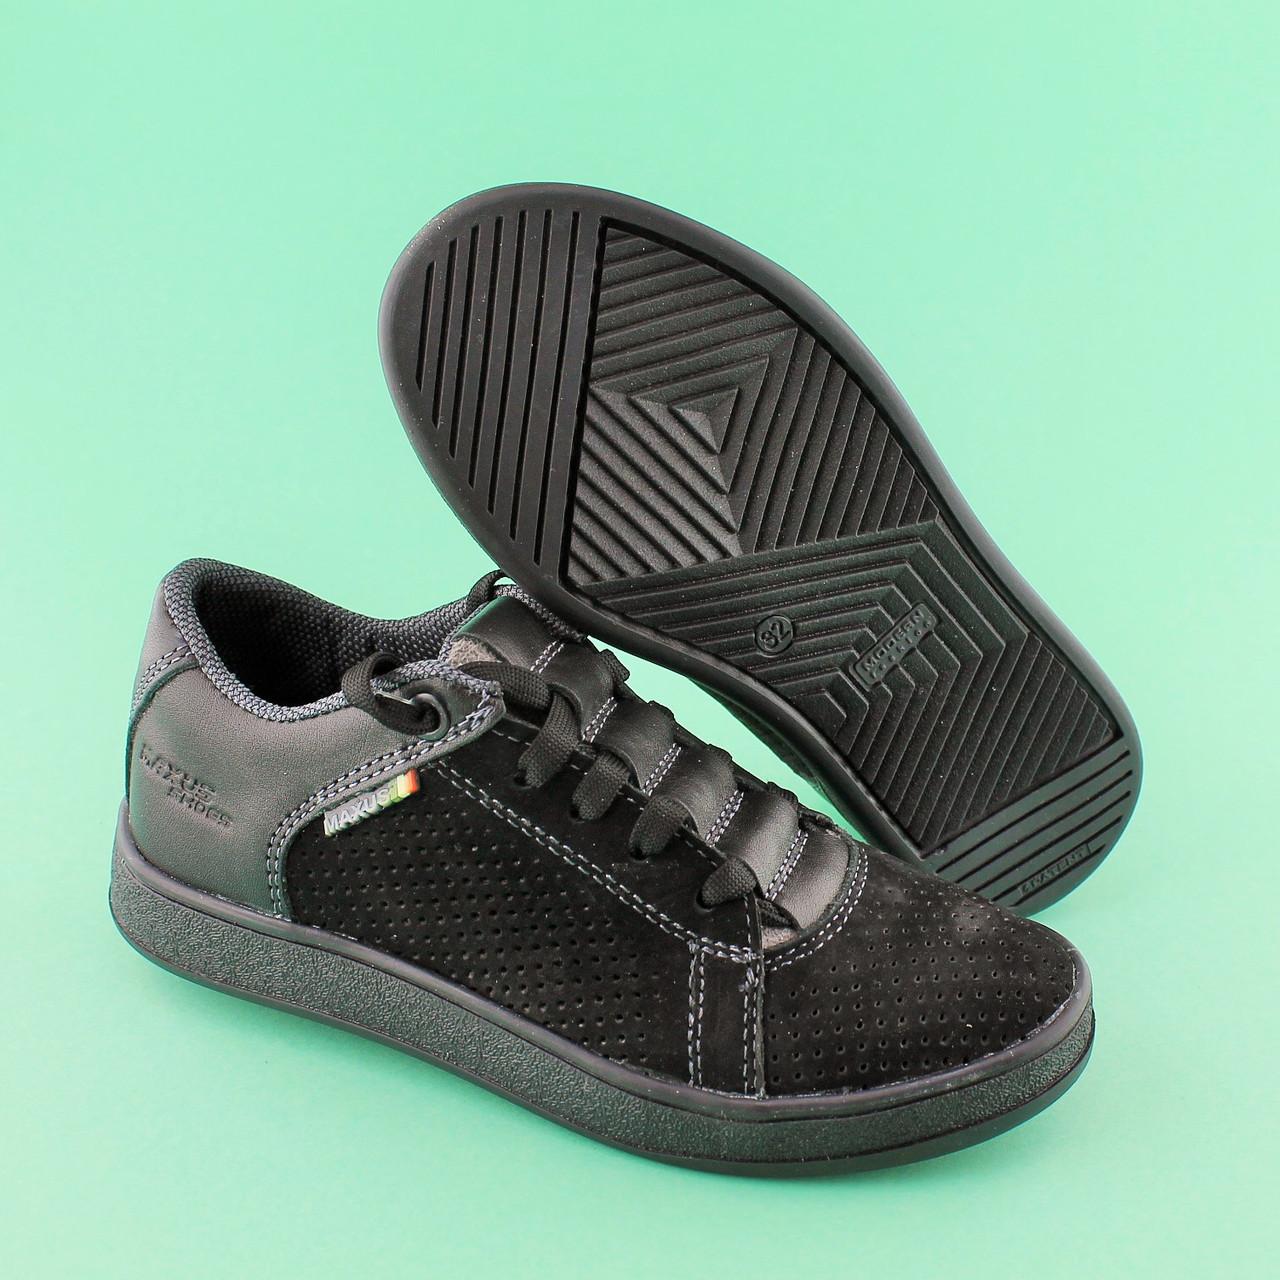 9d259f731 Купить Туфли подростковые на мальчика черный нубук размер 32,33,34 ...